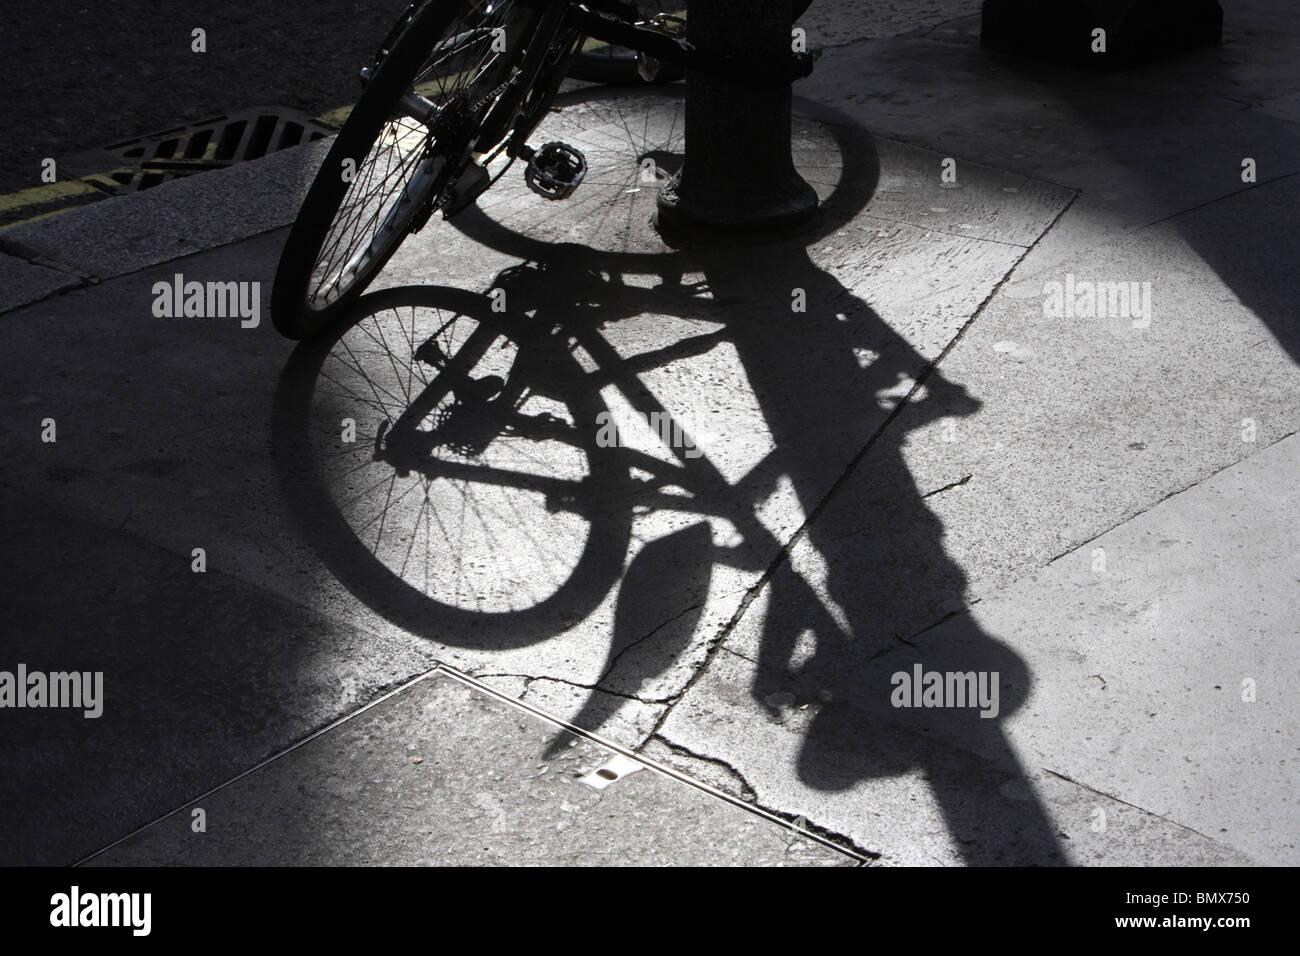 Shadow Of A Bike Stockfotos & Shadow Of A Bike Bilder - Seite 19 - Alamy